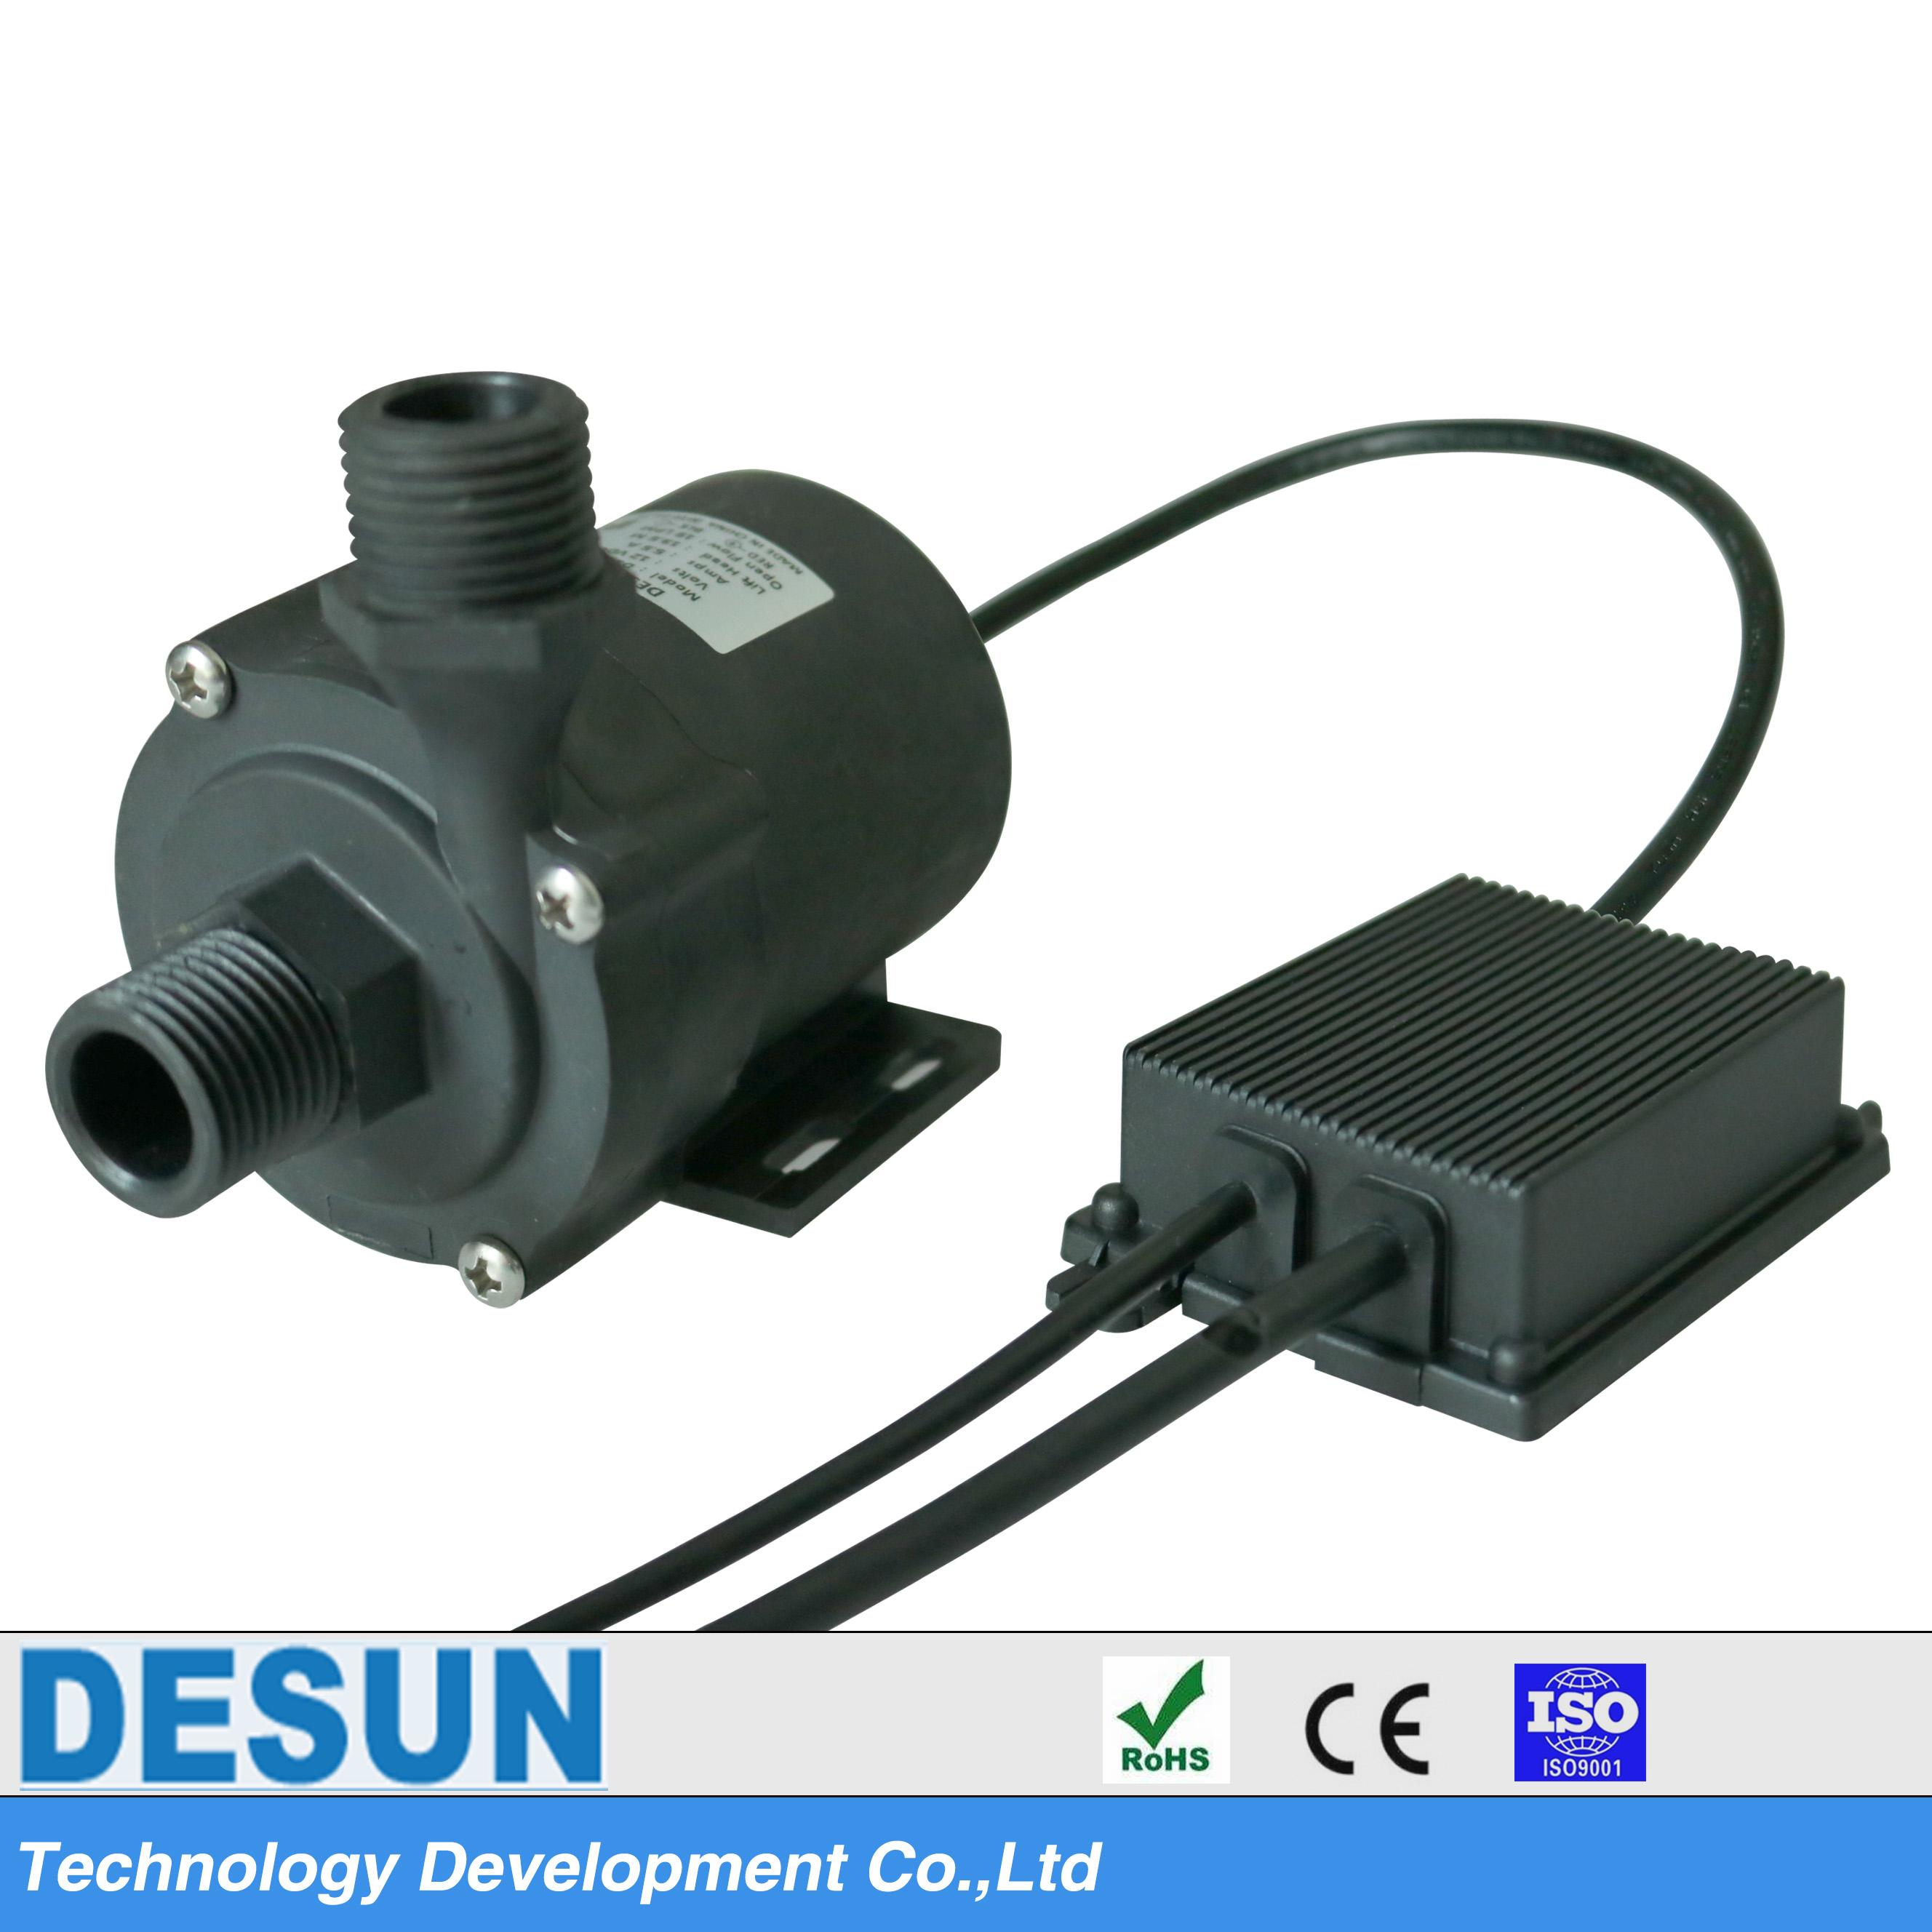 三相调速微型直流增压泵DS5004